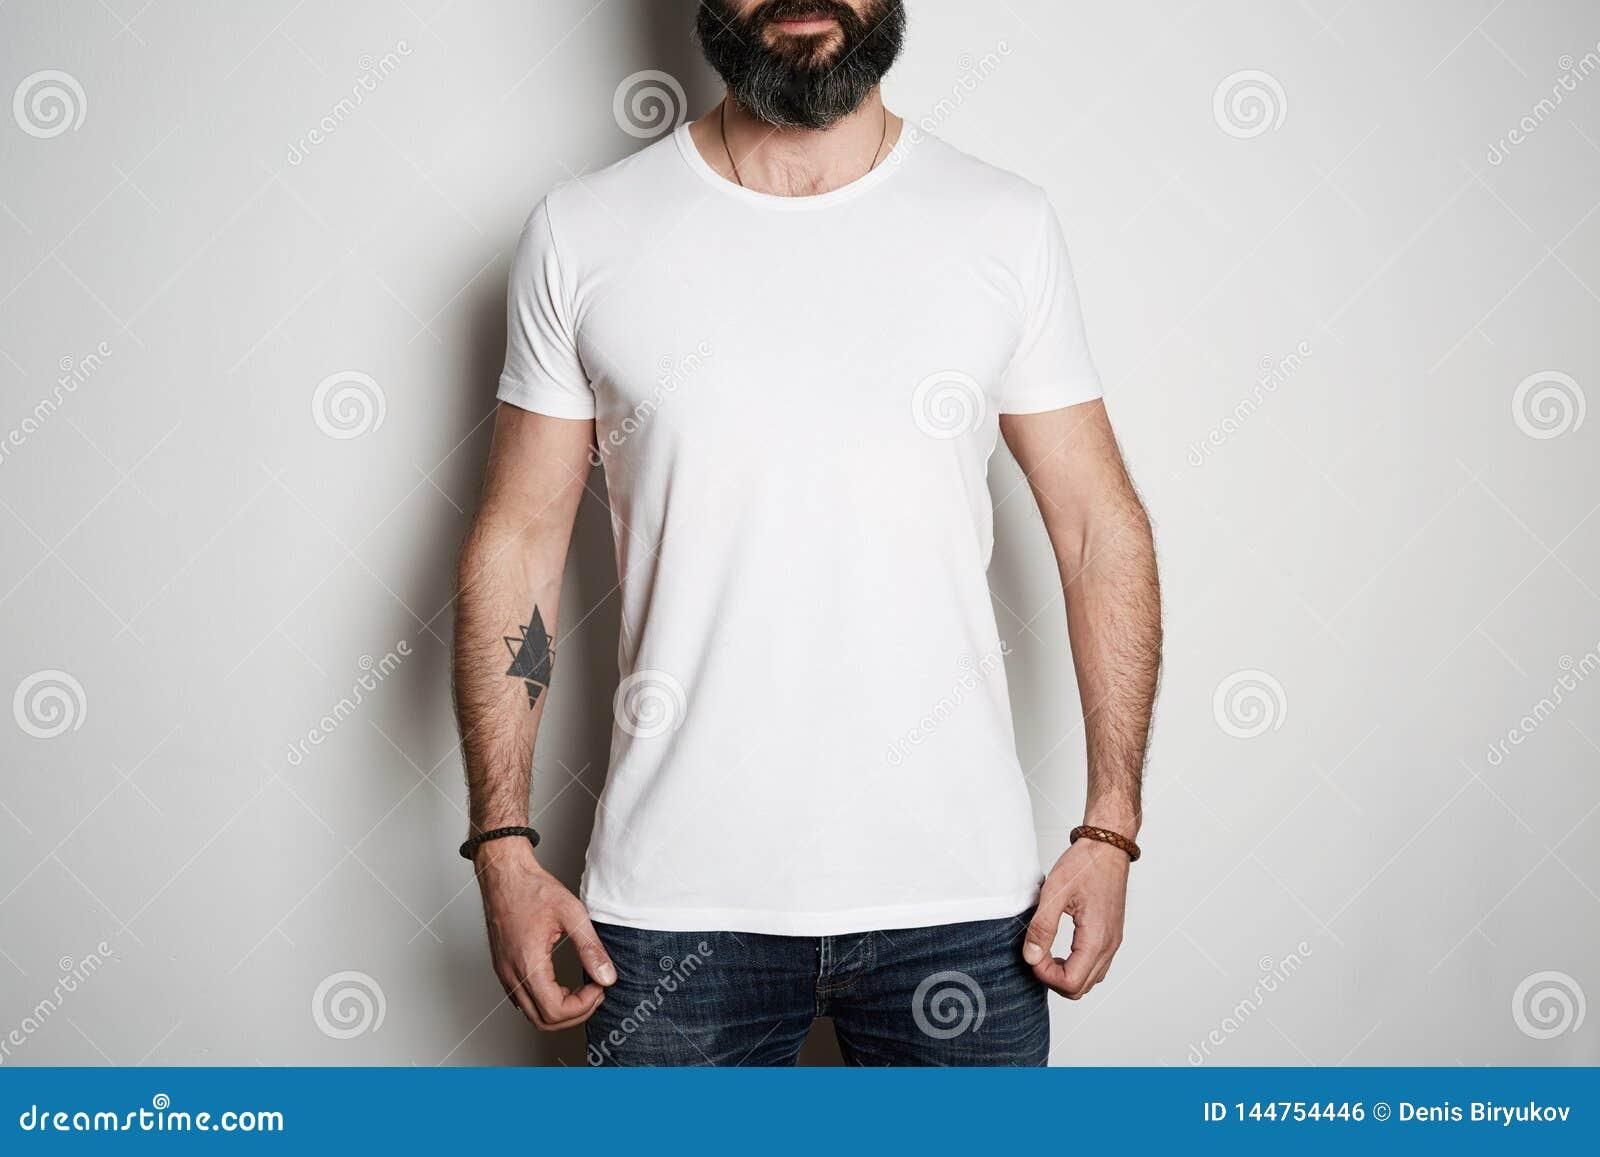 Atrakcyjne brutalne tatuować brodate facet pozy w niebieskich dżinsach i puste miejsce koszulki premii lata szarej bawełnie na